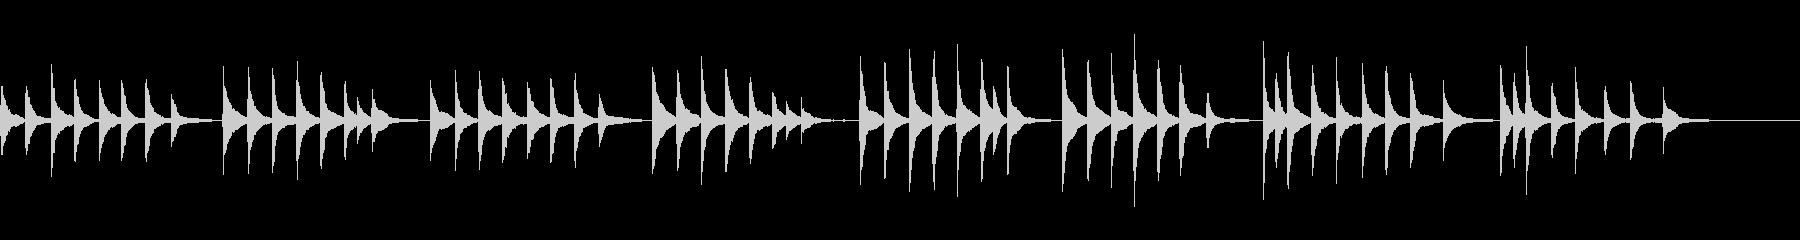 ピアノソロ、シューマンの「コラール」の未再生の波形